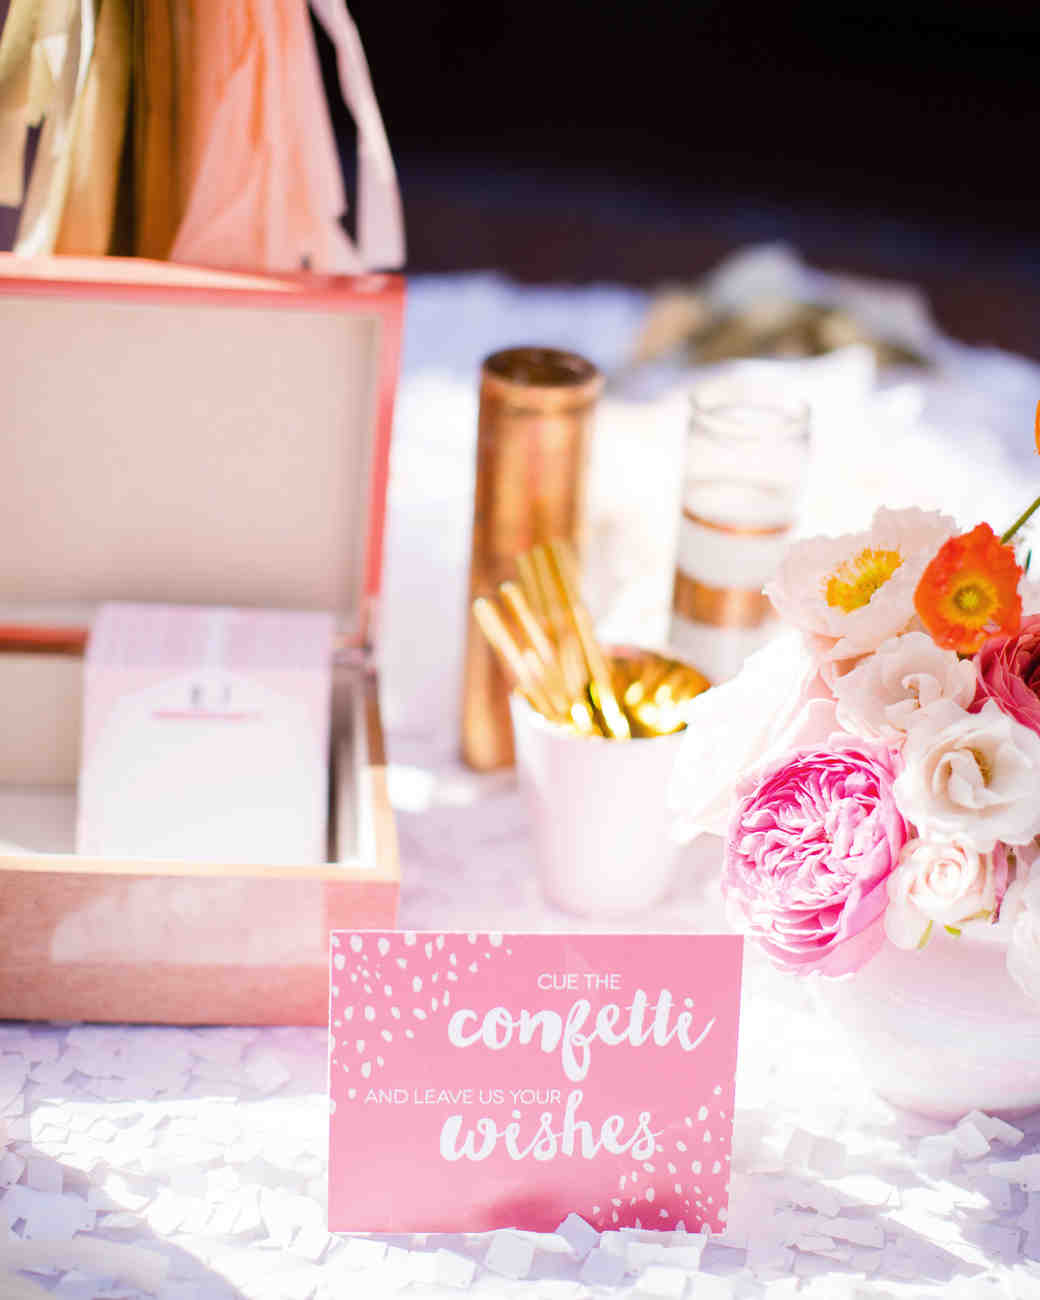 richelle-tom-wedding-confetti-425-s112855-0416.jpg